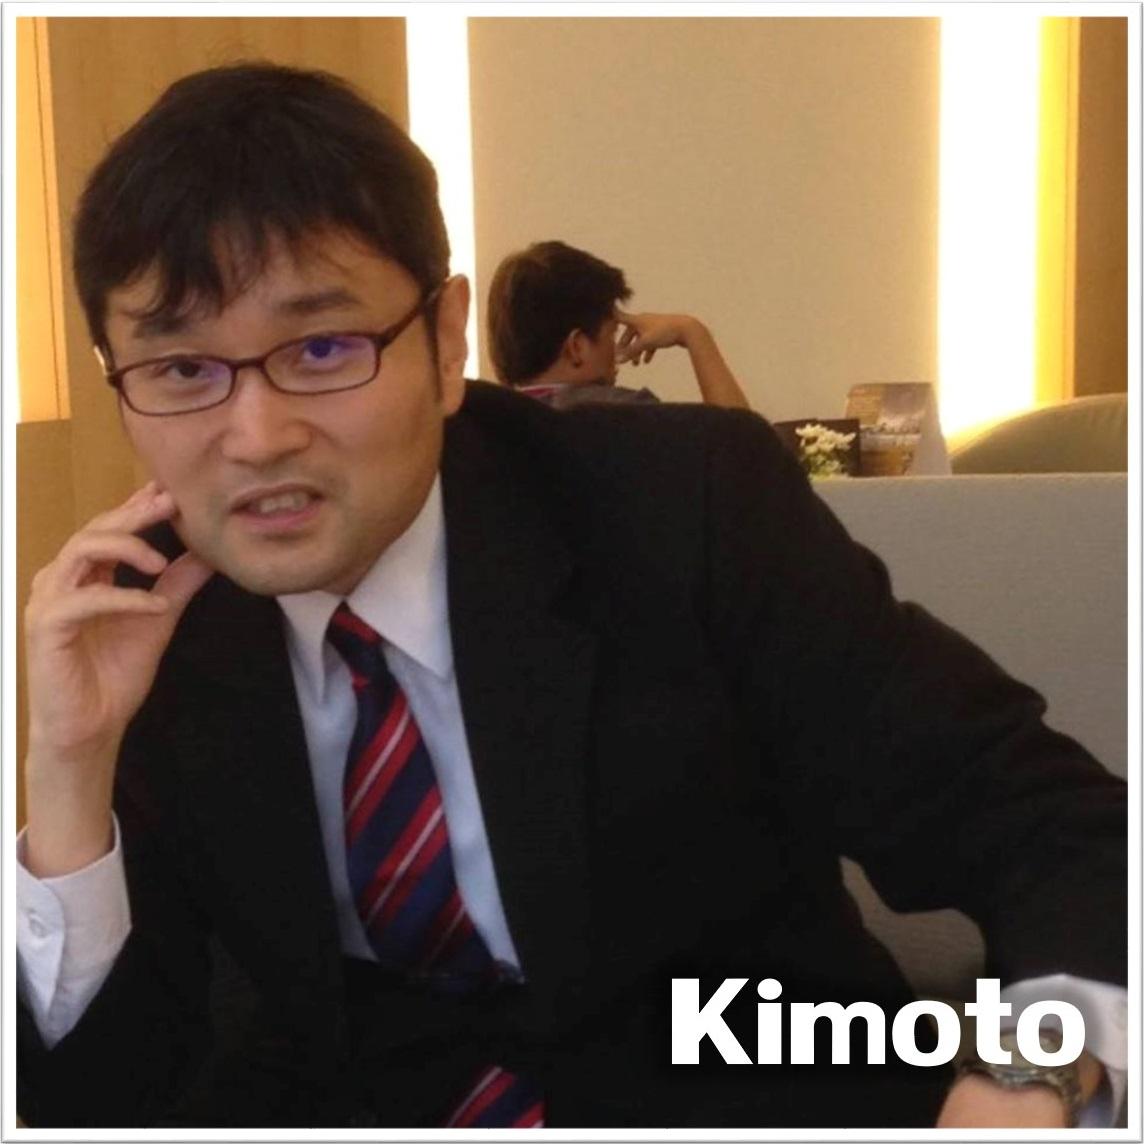 Takayoshi Kimoto